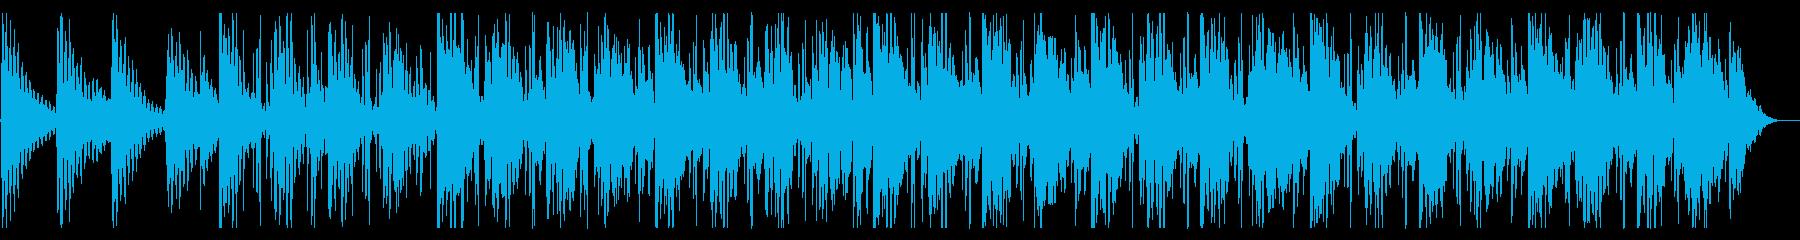 海/生演奏/R&B_No607_3の再生済みの波形